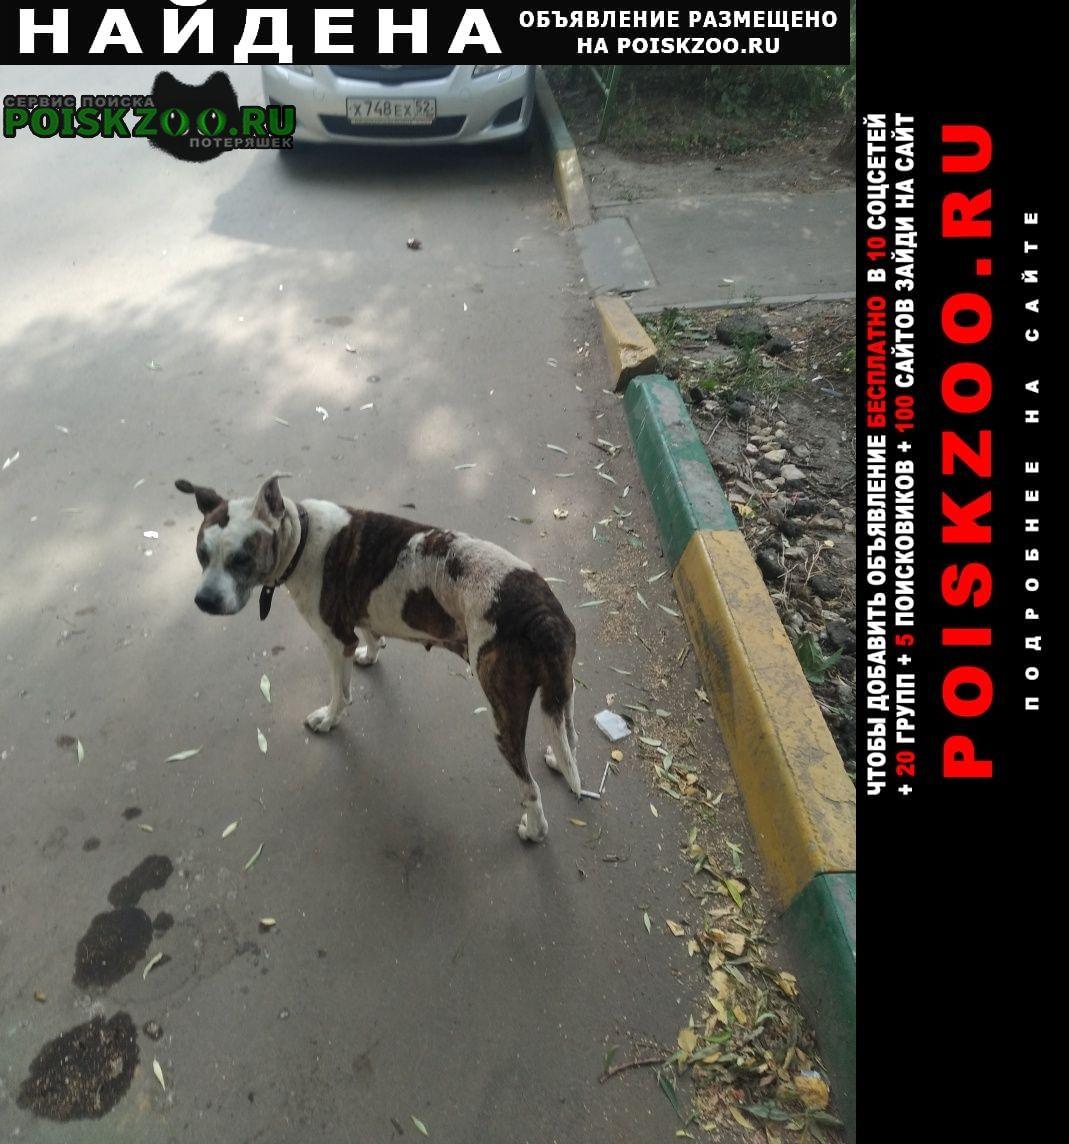 Найдена собака ленинский район Нижний Новгород